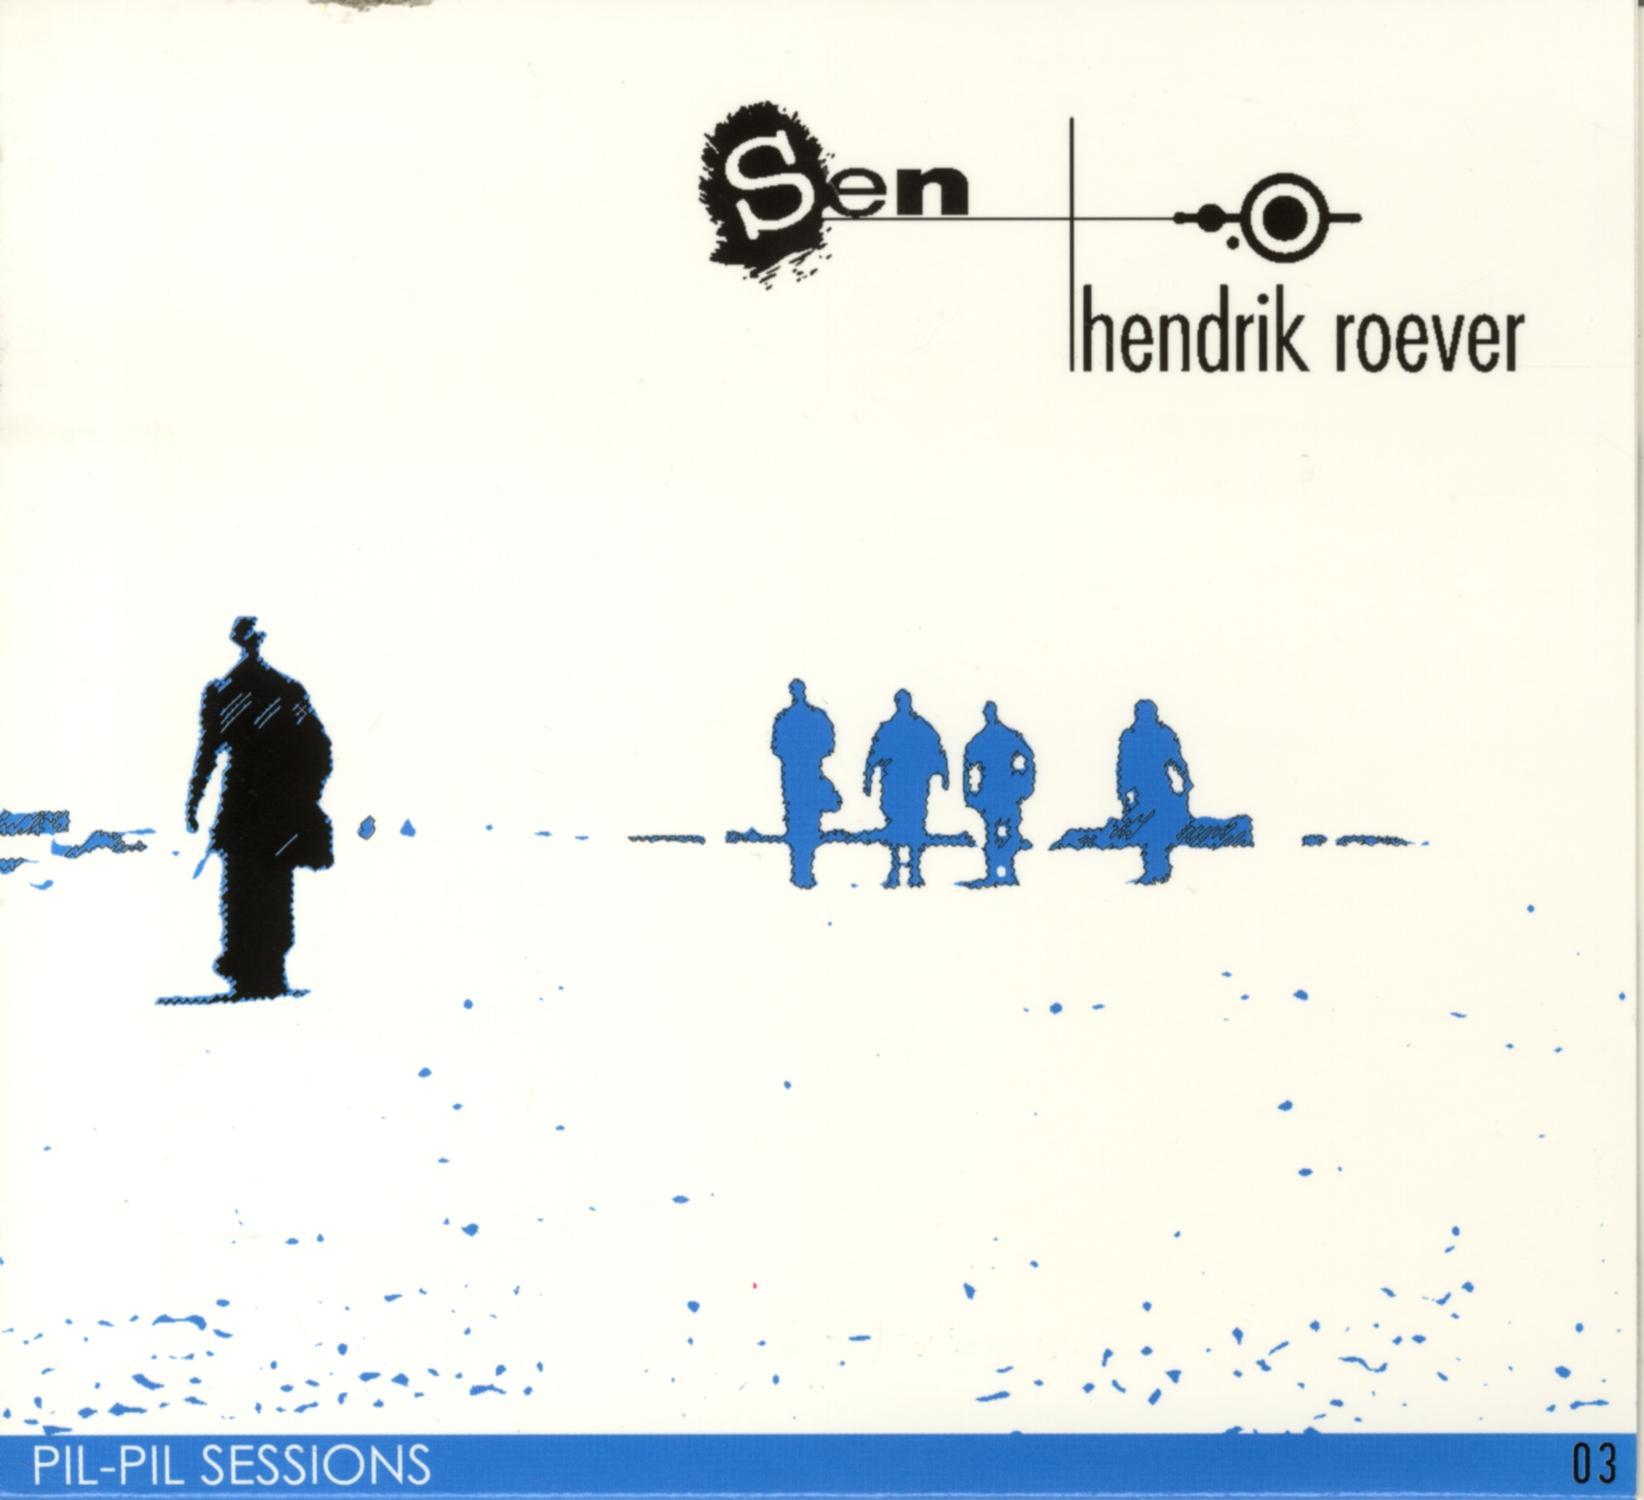 Sen-Hendrik Roever